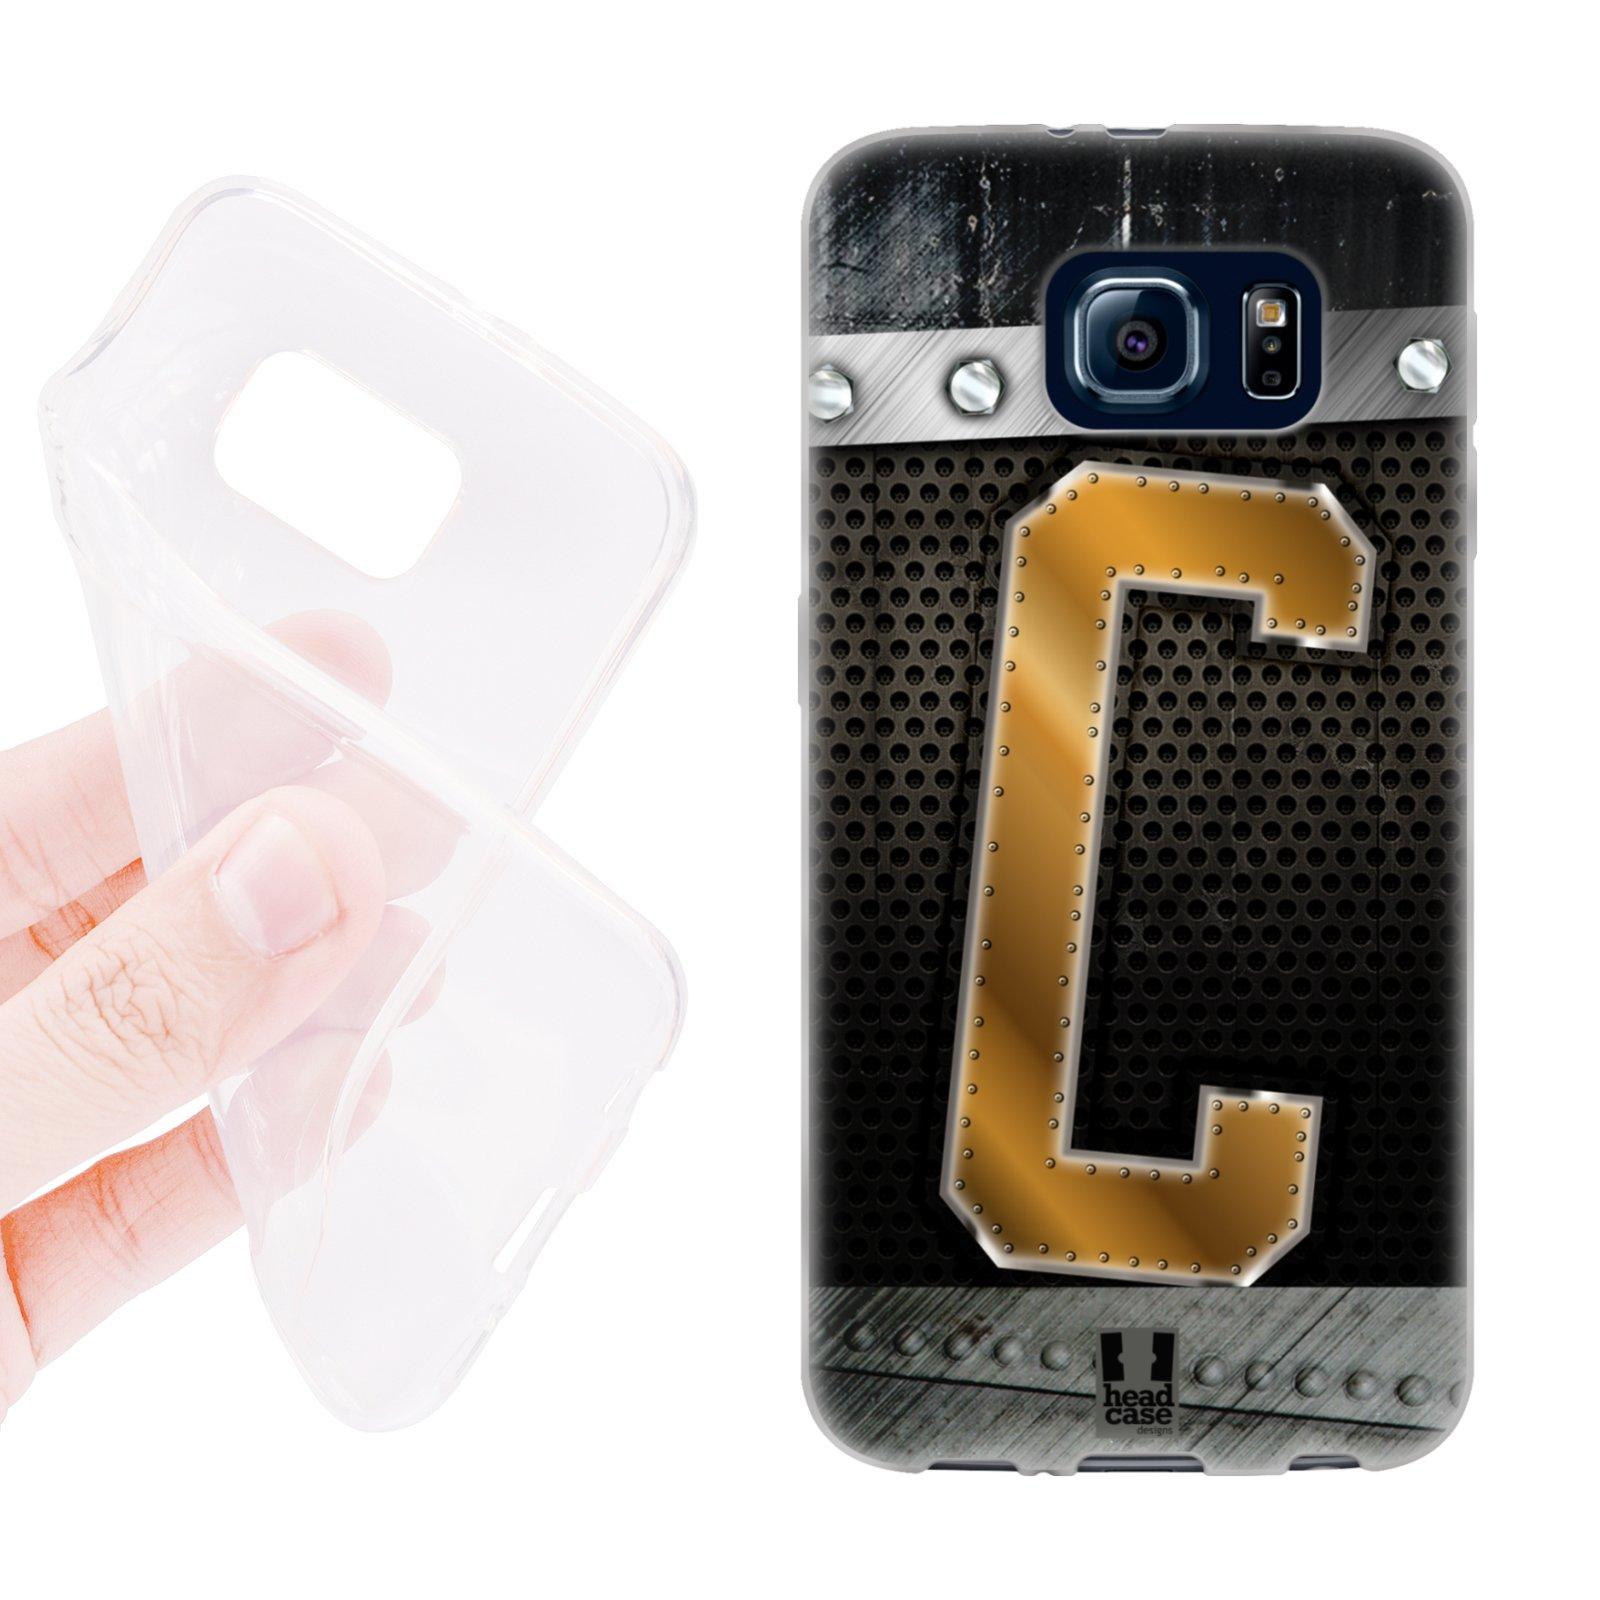 HEAD CASE silikonový obal na mobil Samsung galaxy S6 zlaté písmeno C